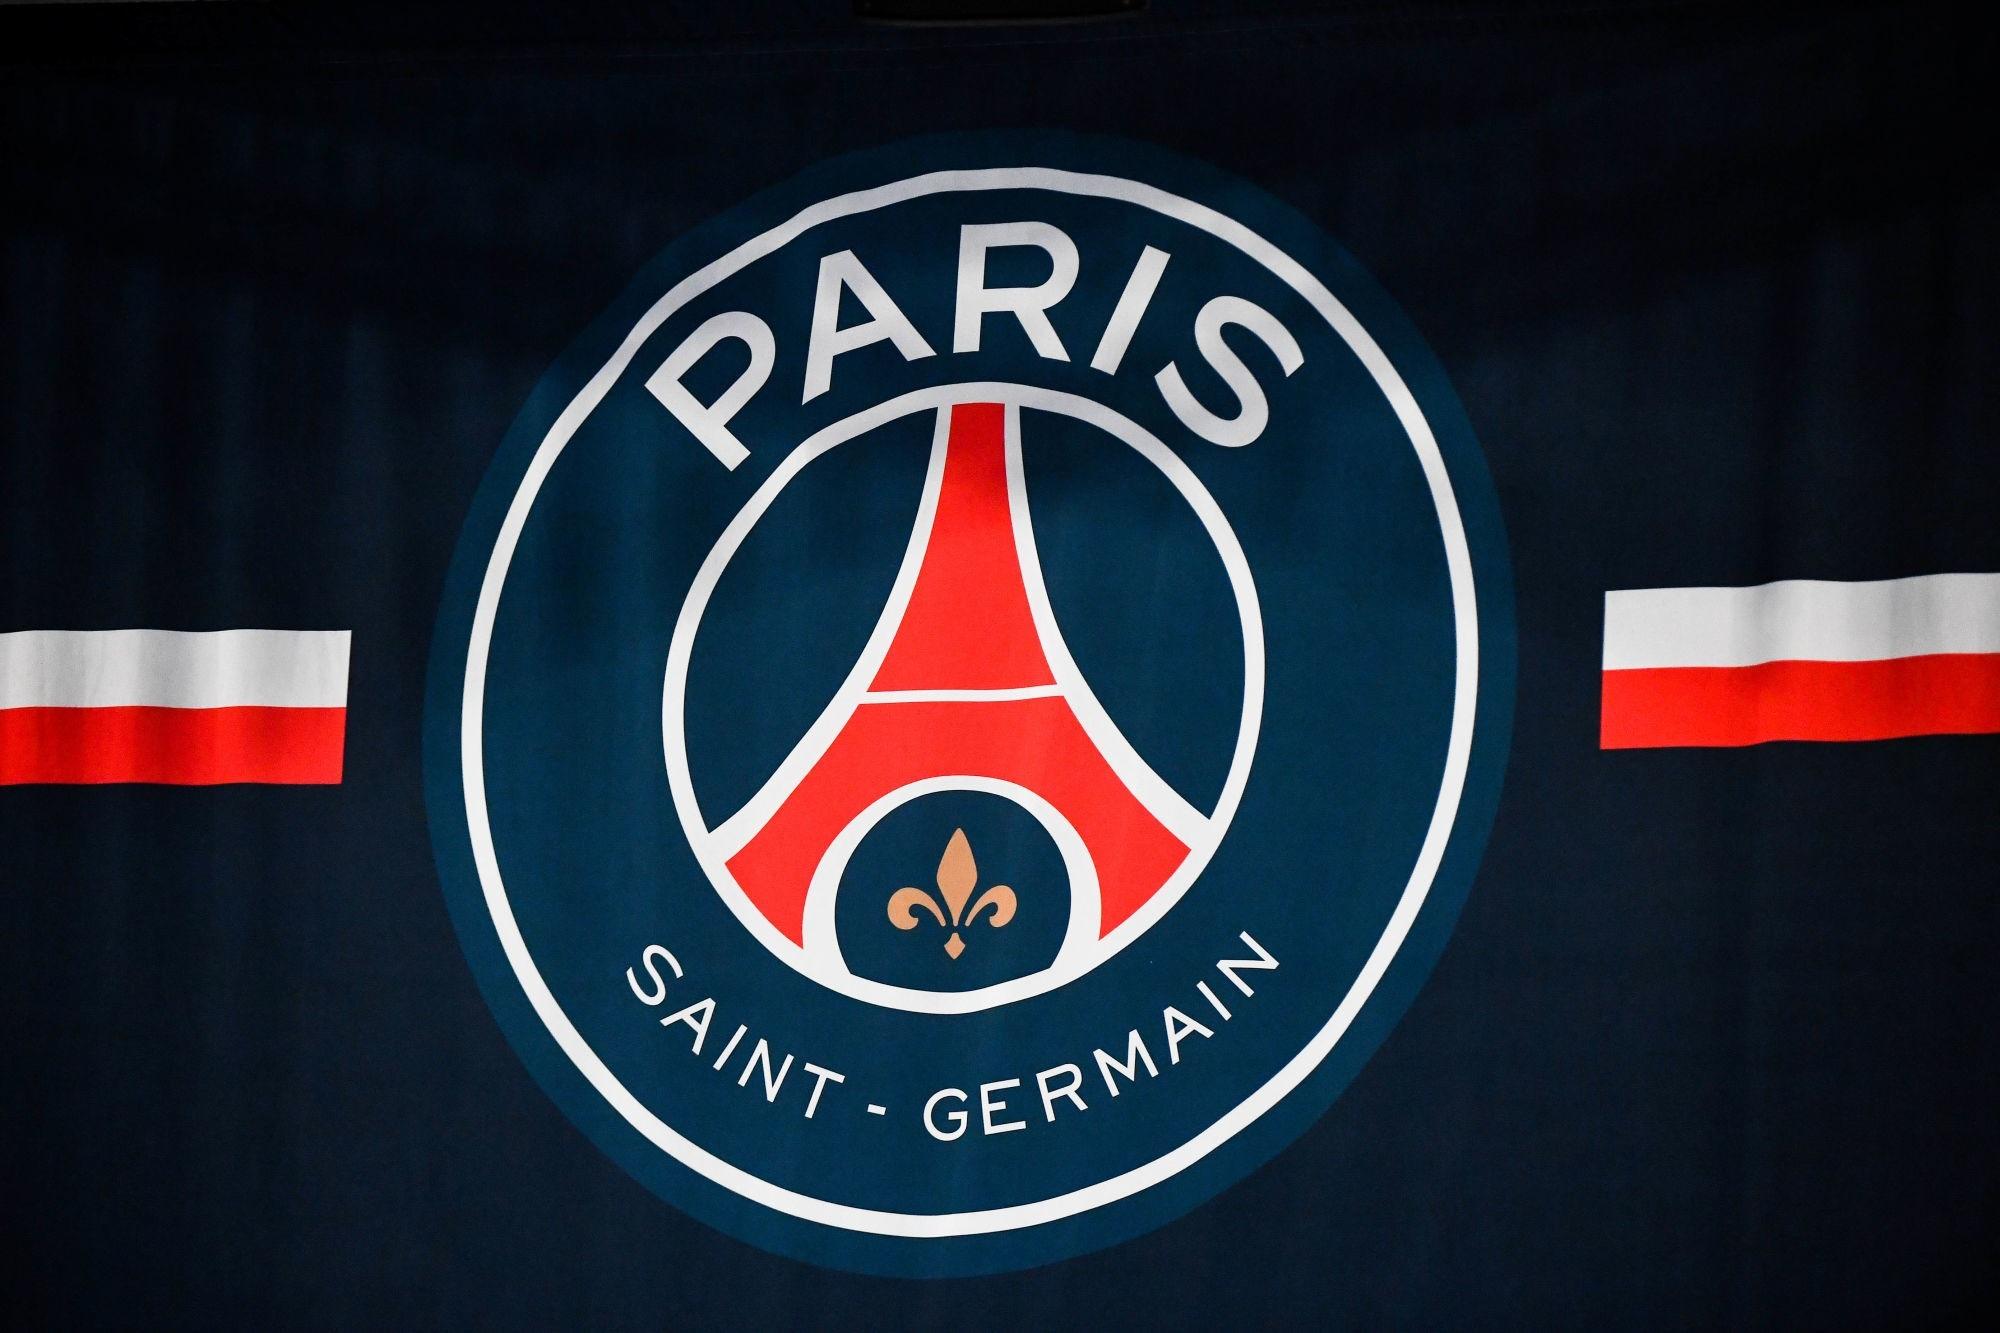 Officiel - Le PSG annonce la signature de 5 contrats aspirants supplémentaires